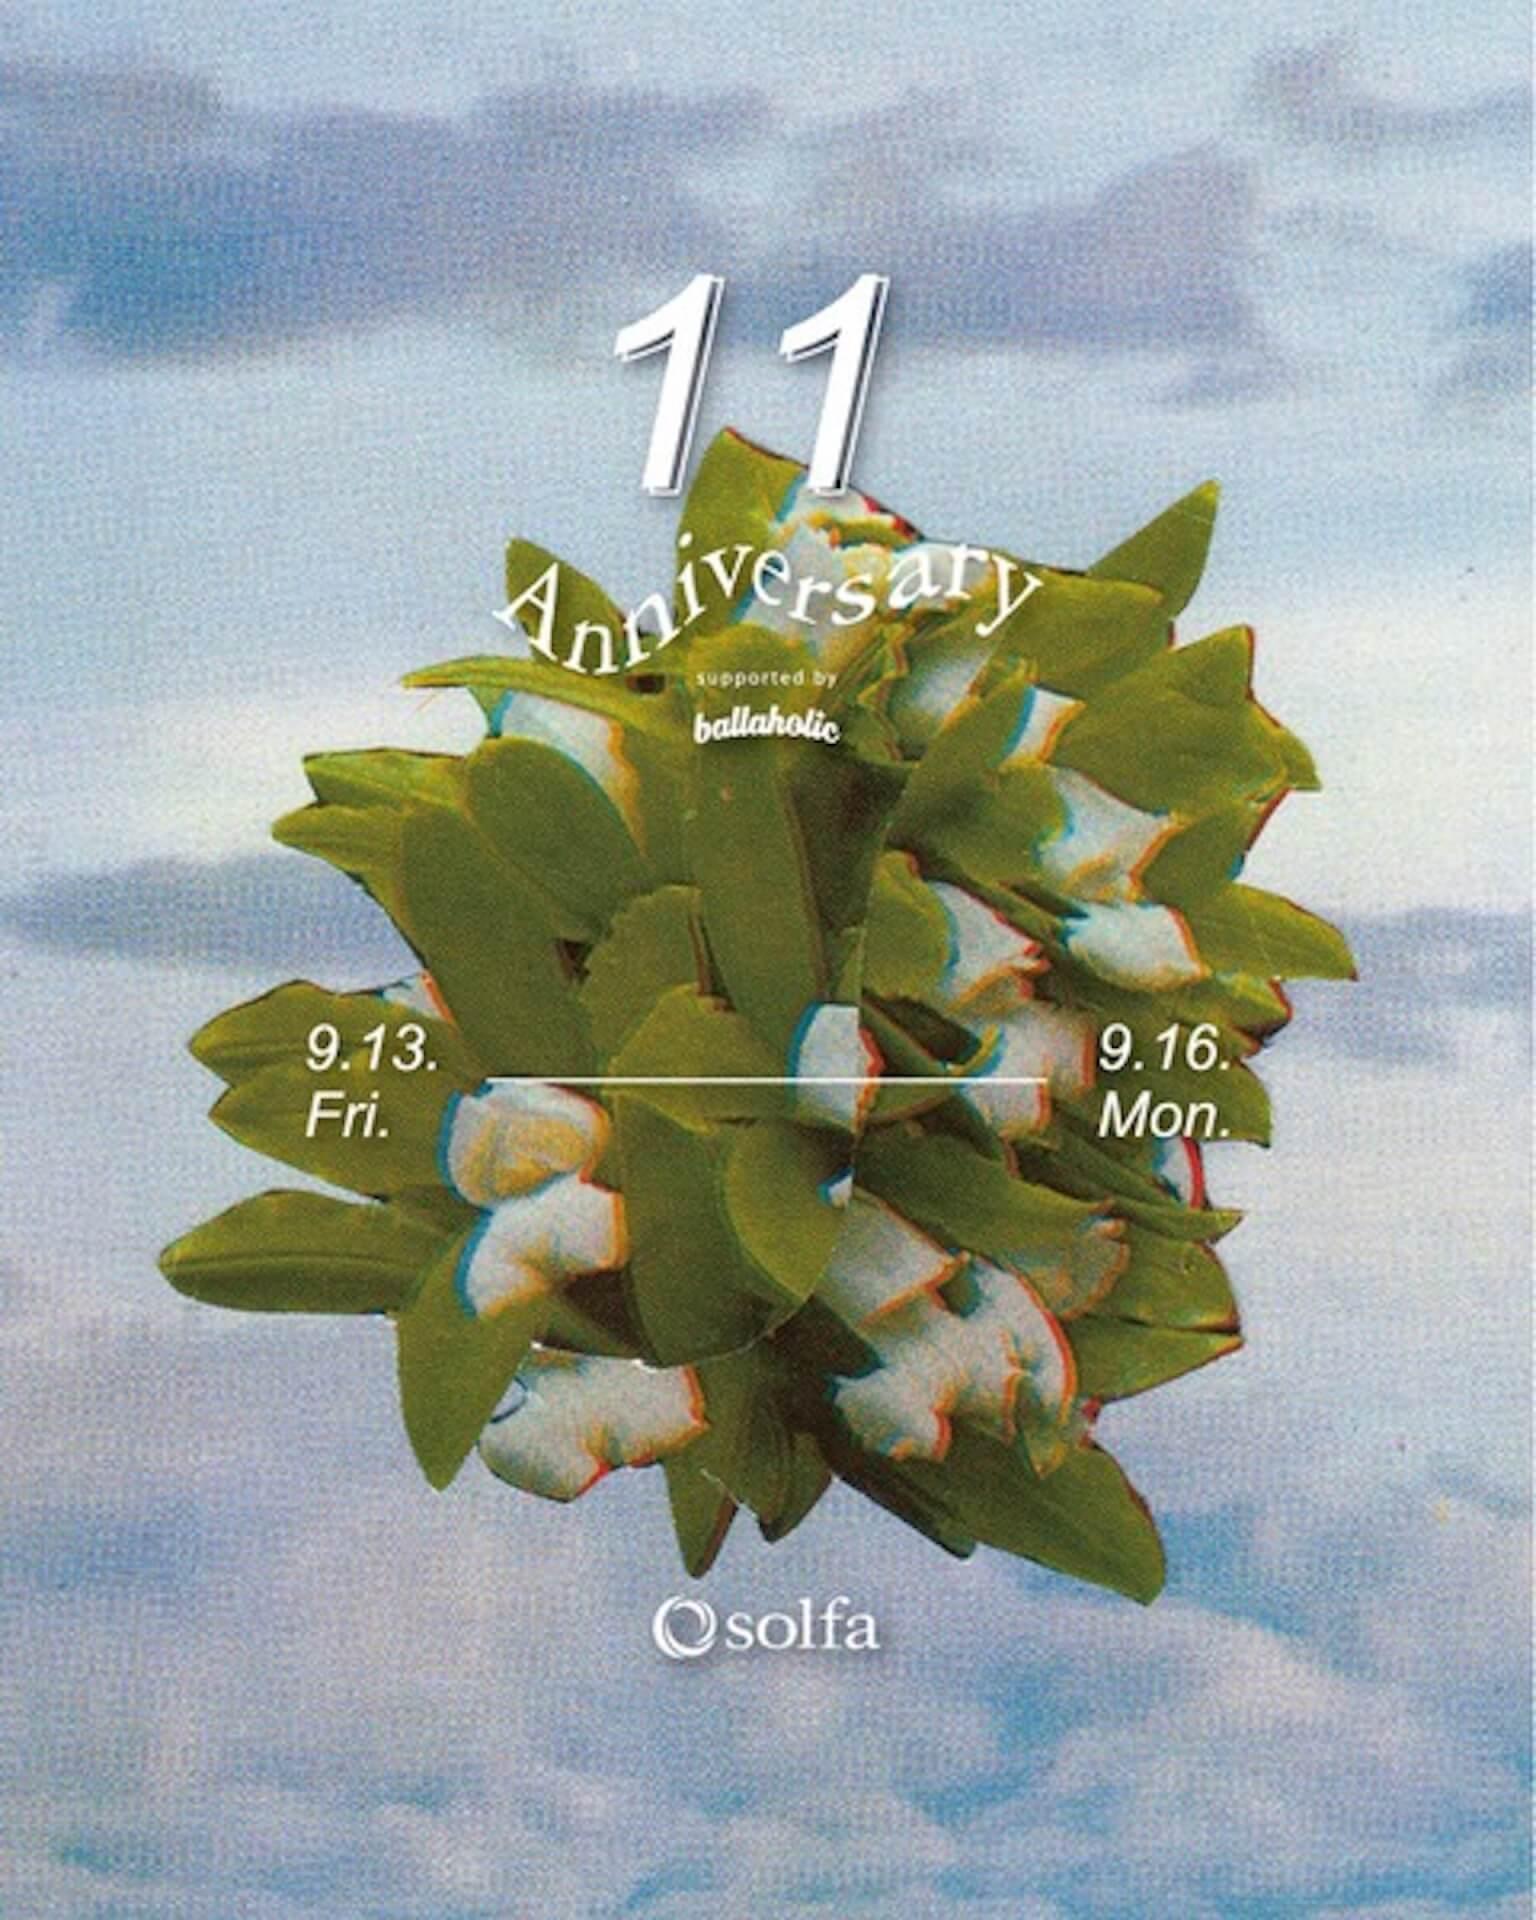 中目黒solfaの11周年アニバーサリーが4日間に渡って開催|GAGLE、Gonno、Momらが出演 music190829-solfa-11th-anniversary-1